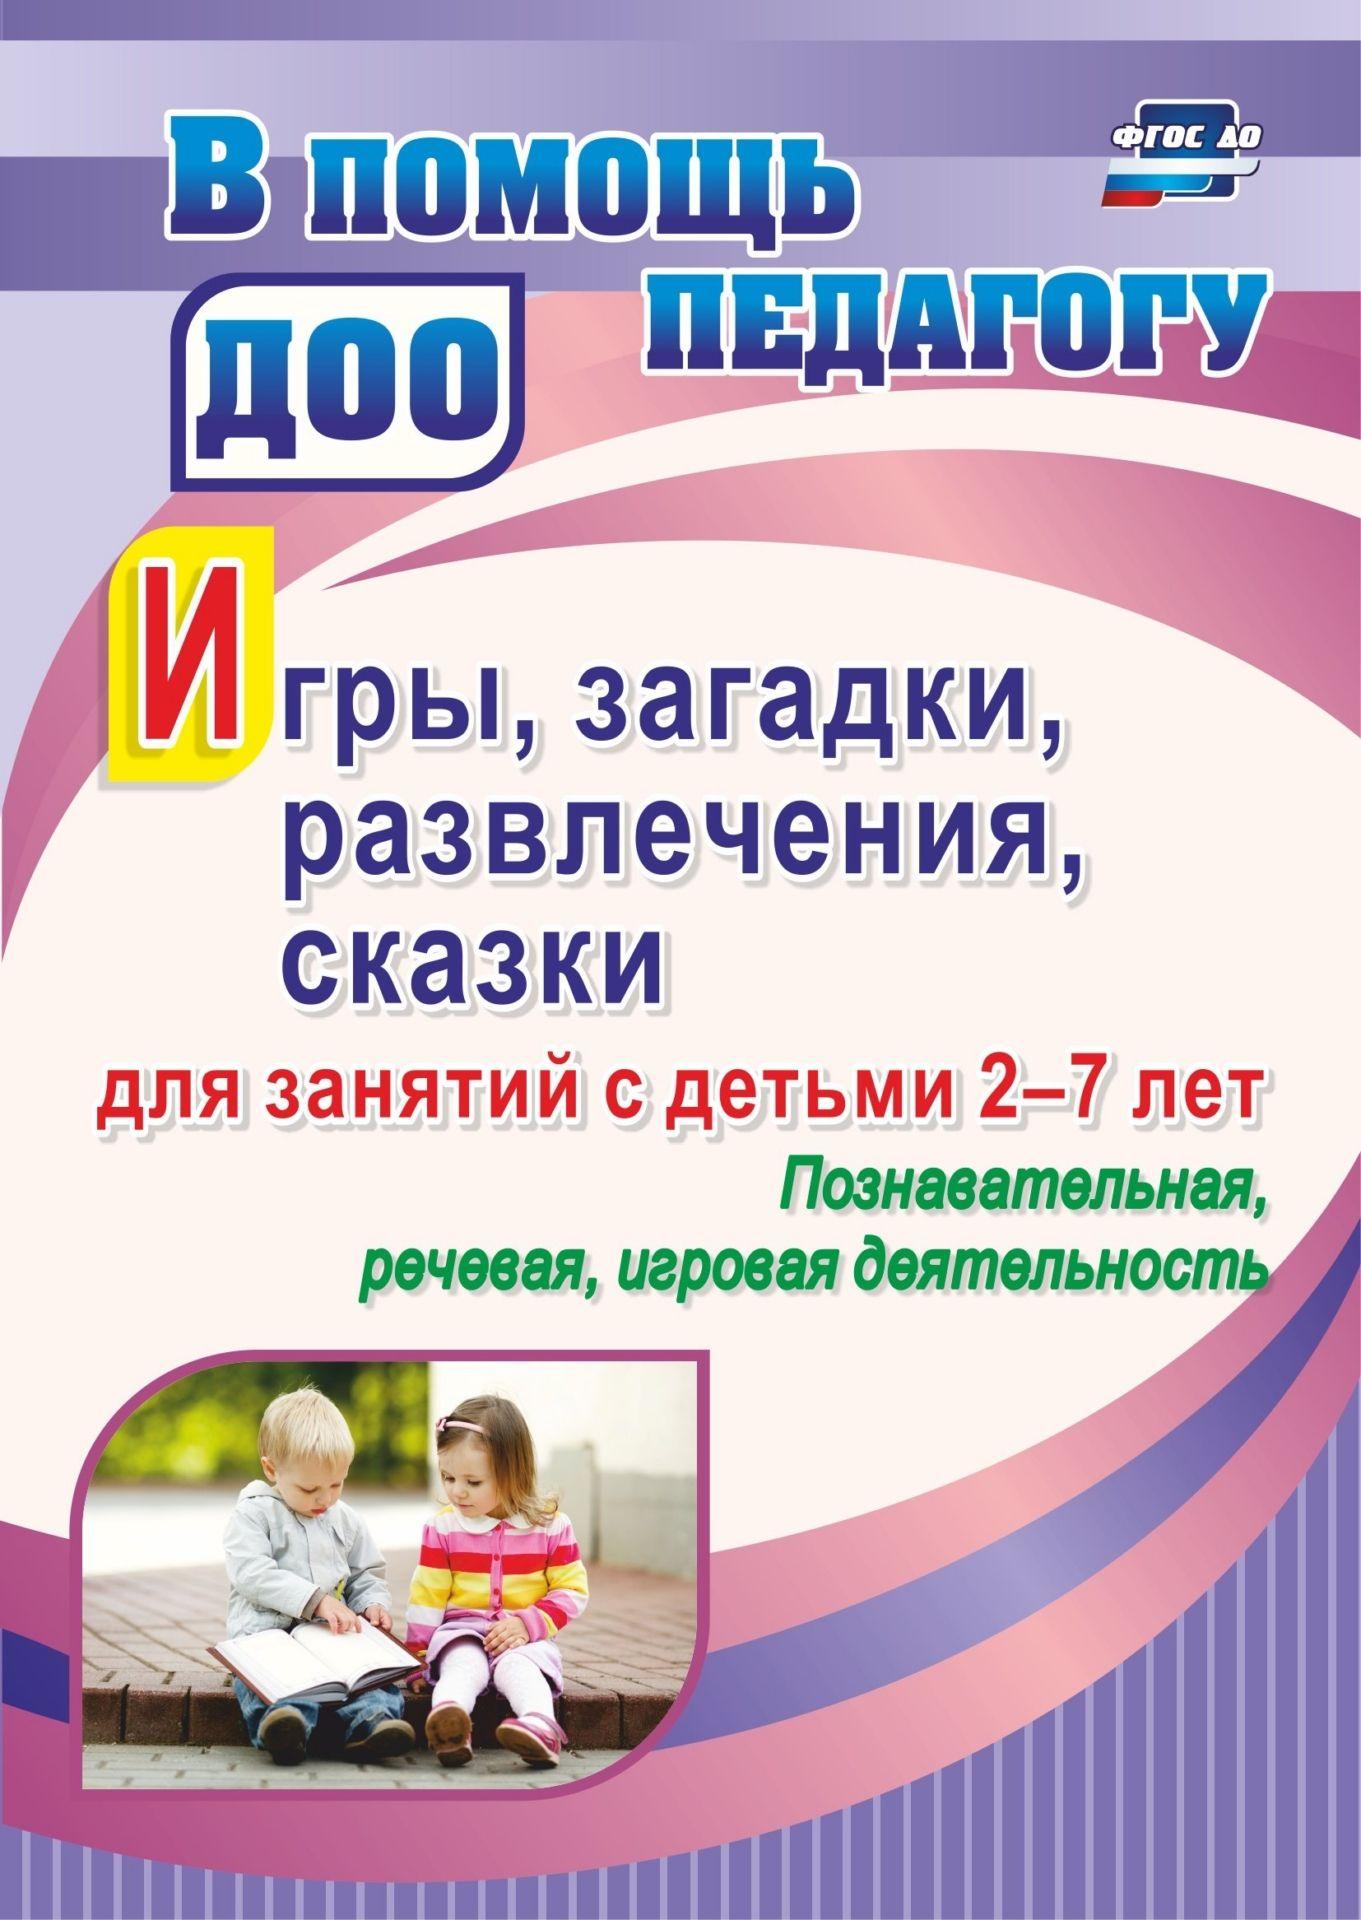 Игры, развлечения, загадки, сказки для занятий с детьми 2-7 лет. Познавательная, речевая, игровая деятельность